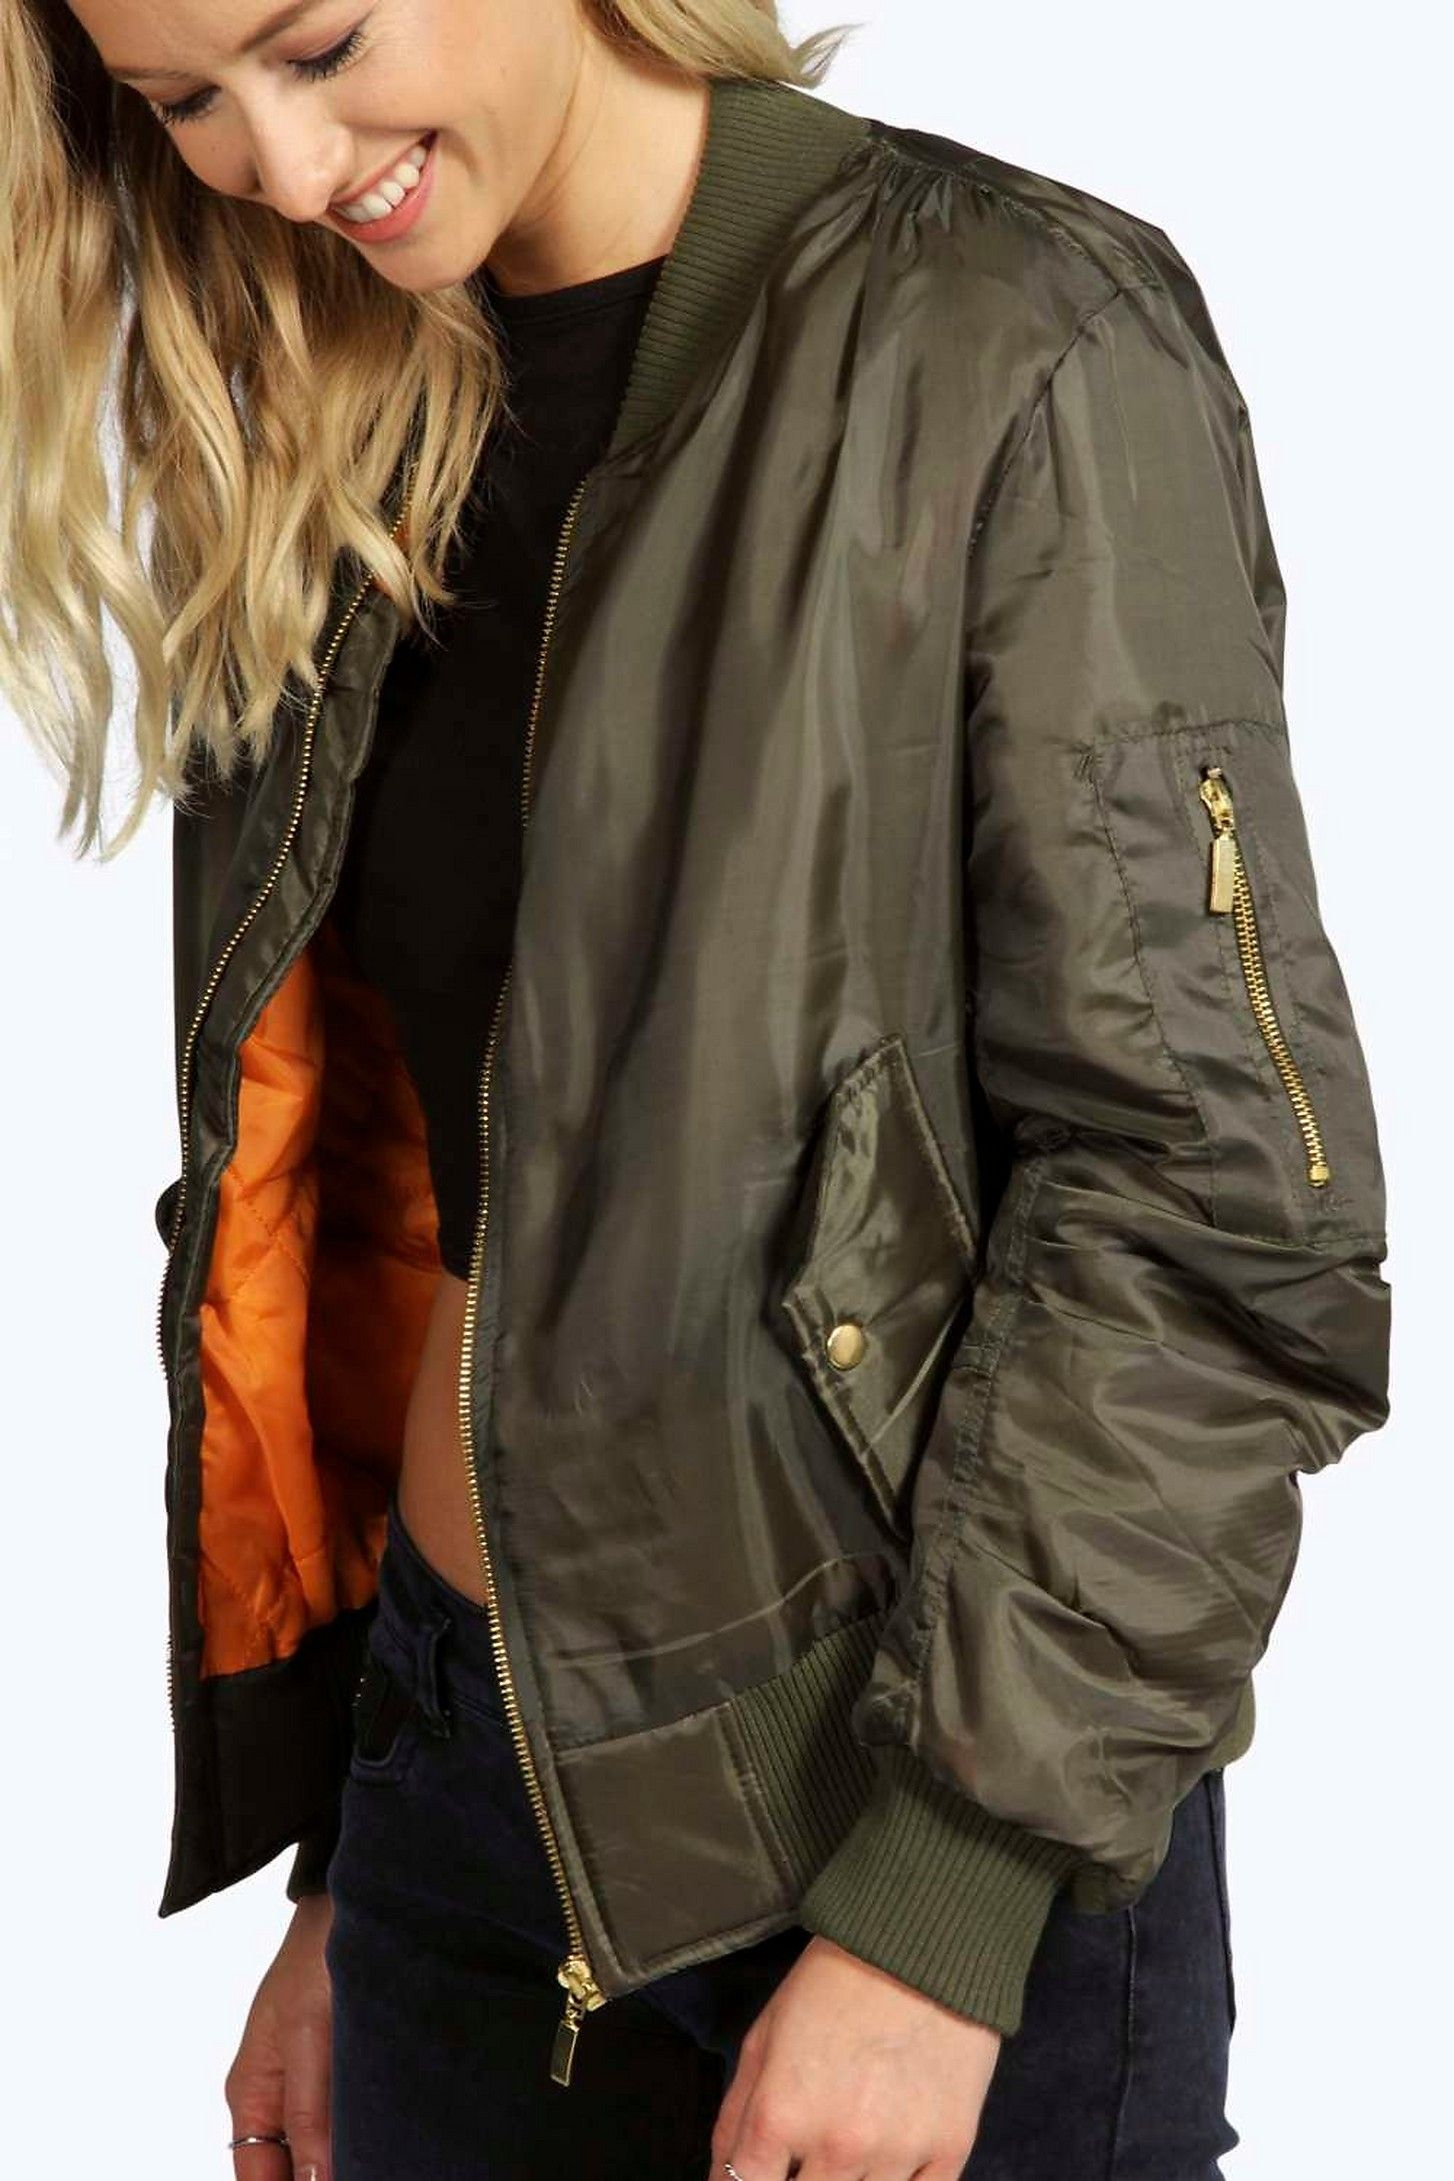 Ma1 Bomber Jacket Boohoo Womens Bomber Jacket Outfit Bomber Jacket Women Green Bomber Jacket [ 2181 x 1454 Pixel ]